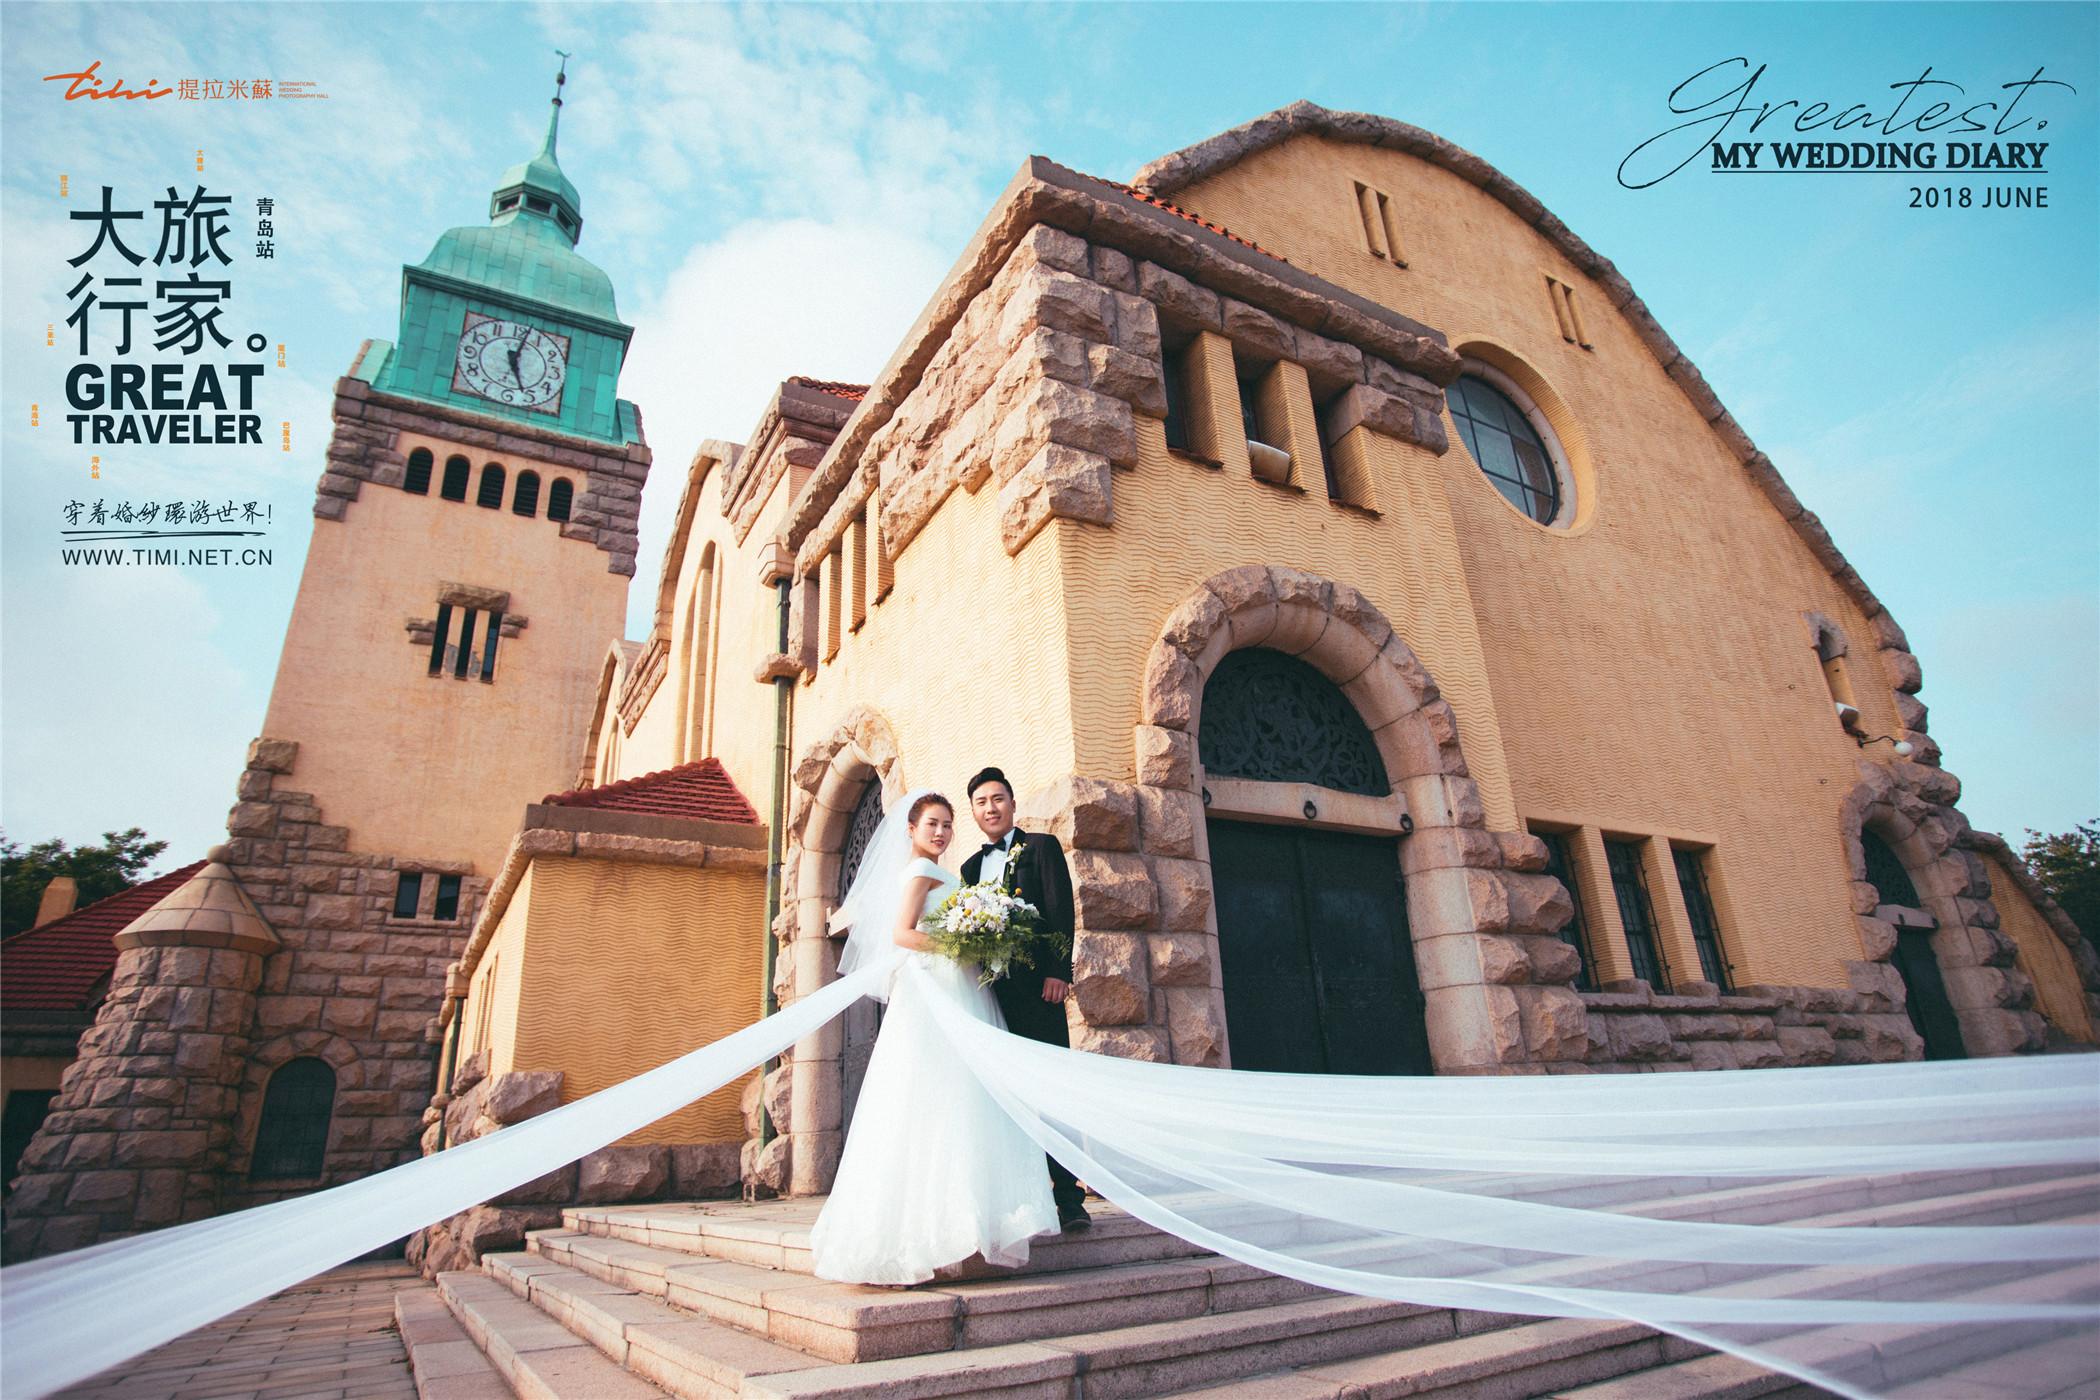 青岛旅拍婚纱照需要注意的事项